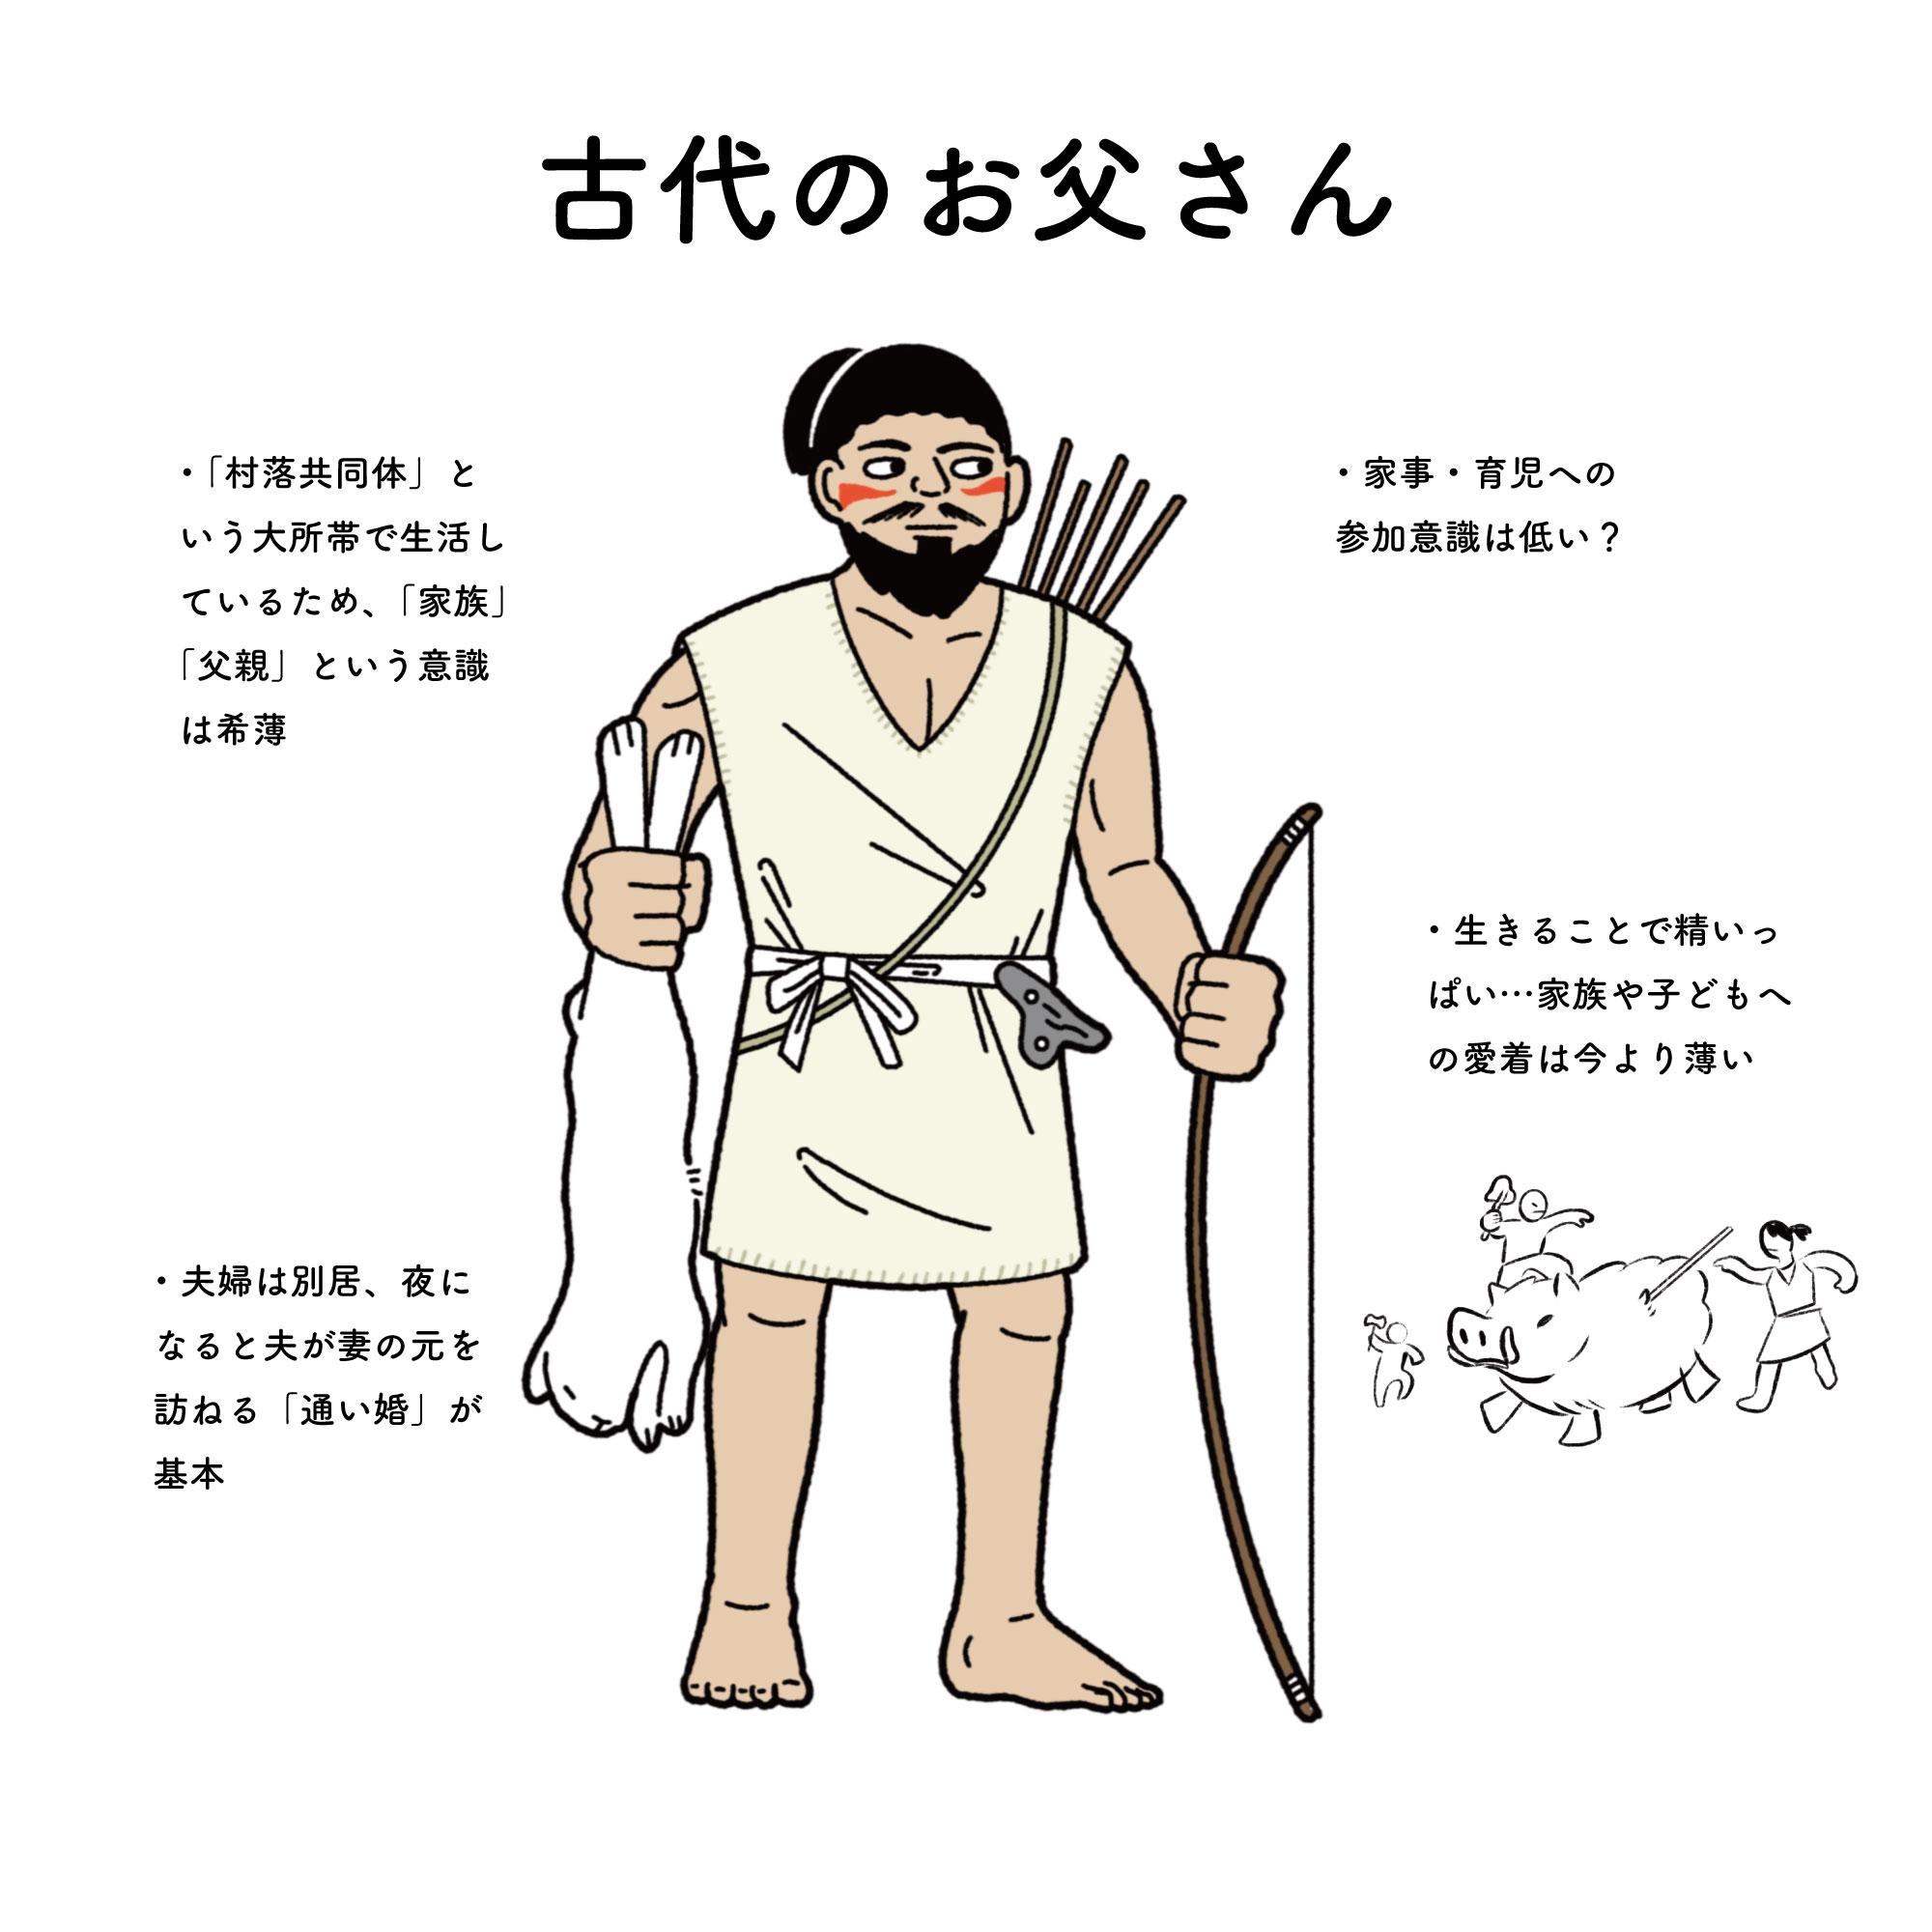 家men,父親像,変化,古代,昭和,平成,令和